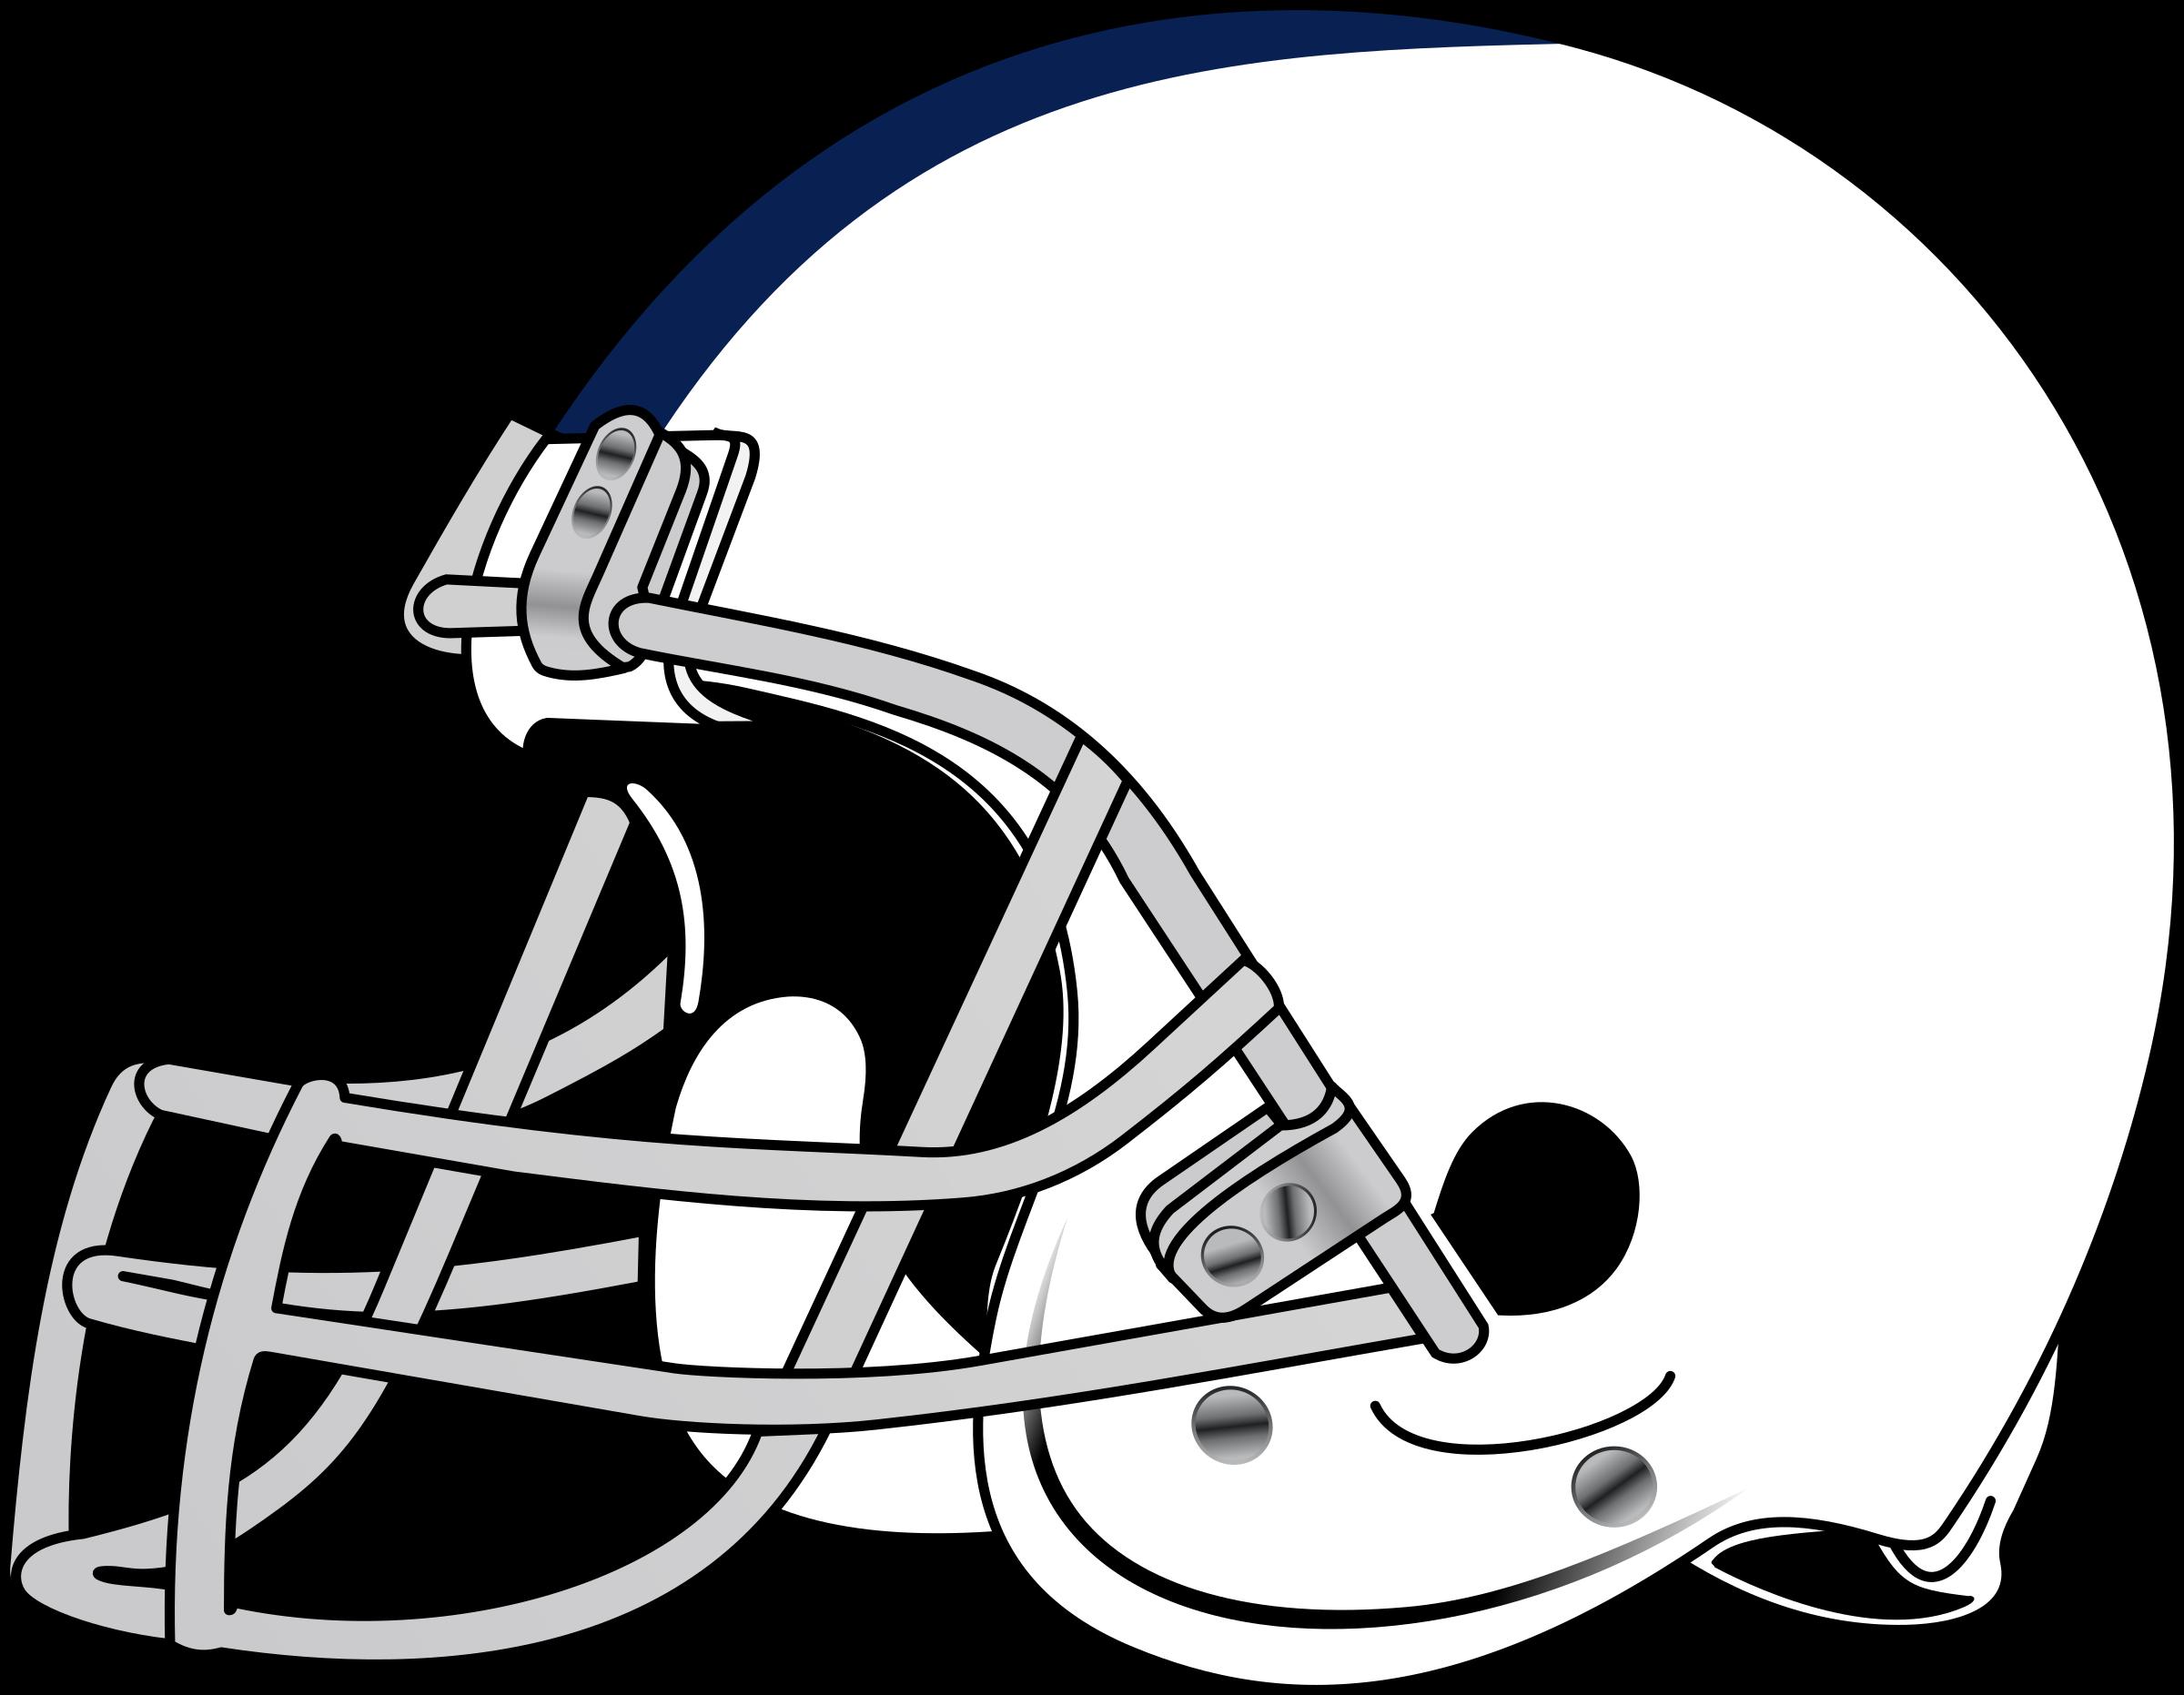 American clip art cliparts. Helmet clipart football helmet